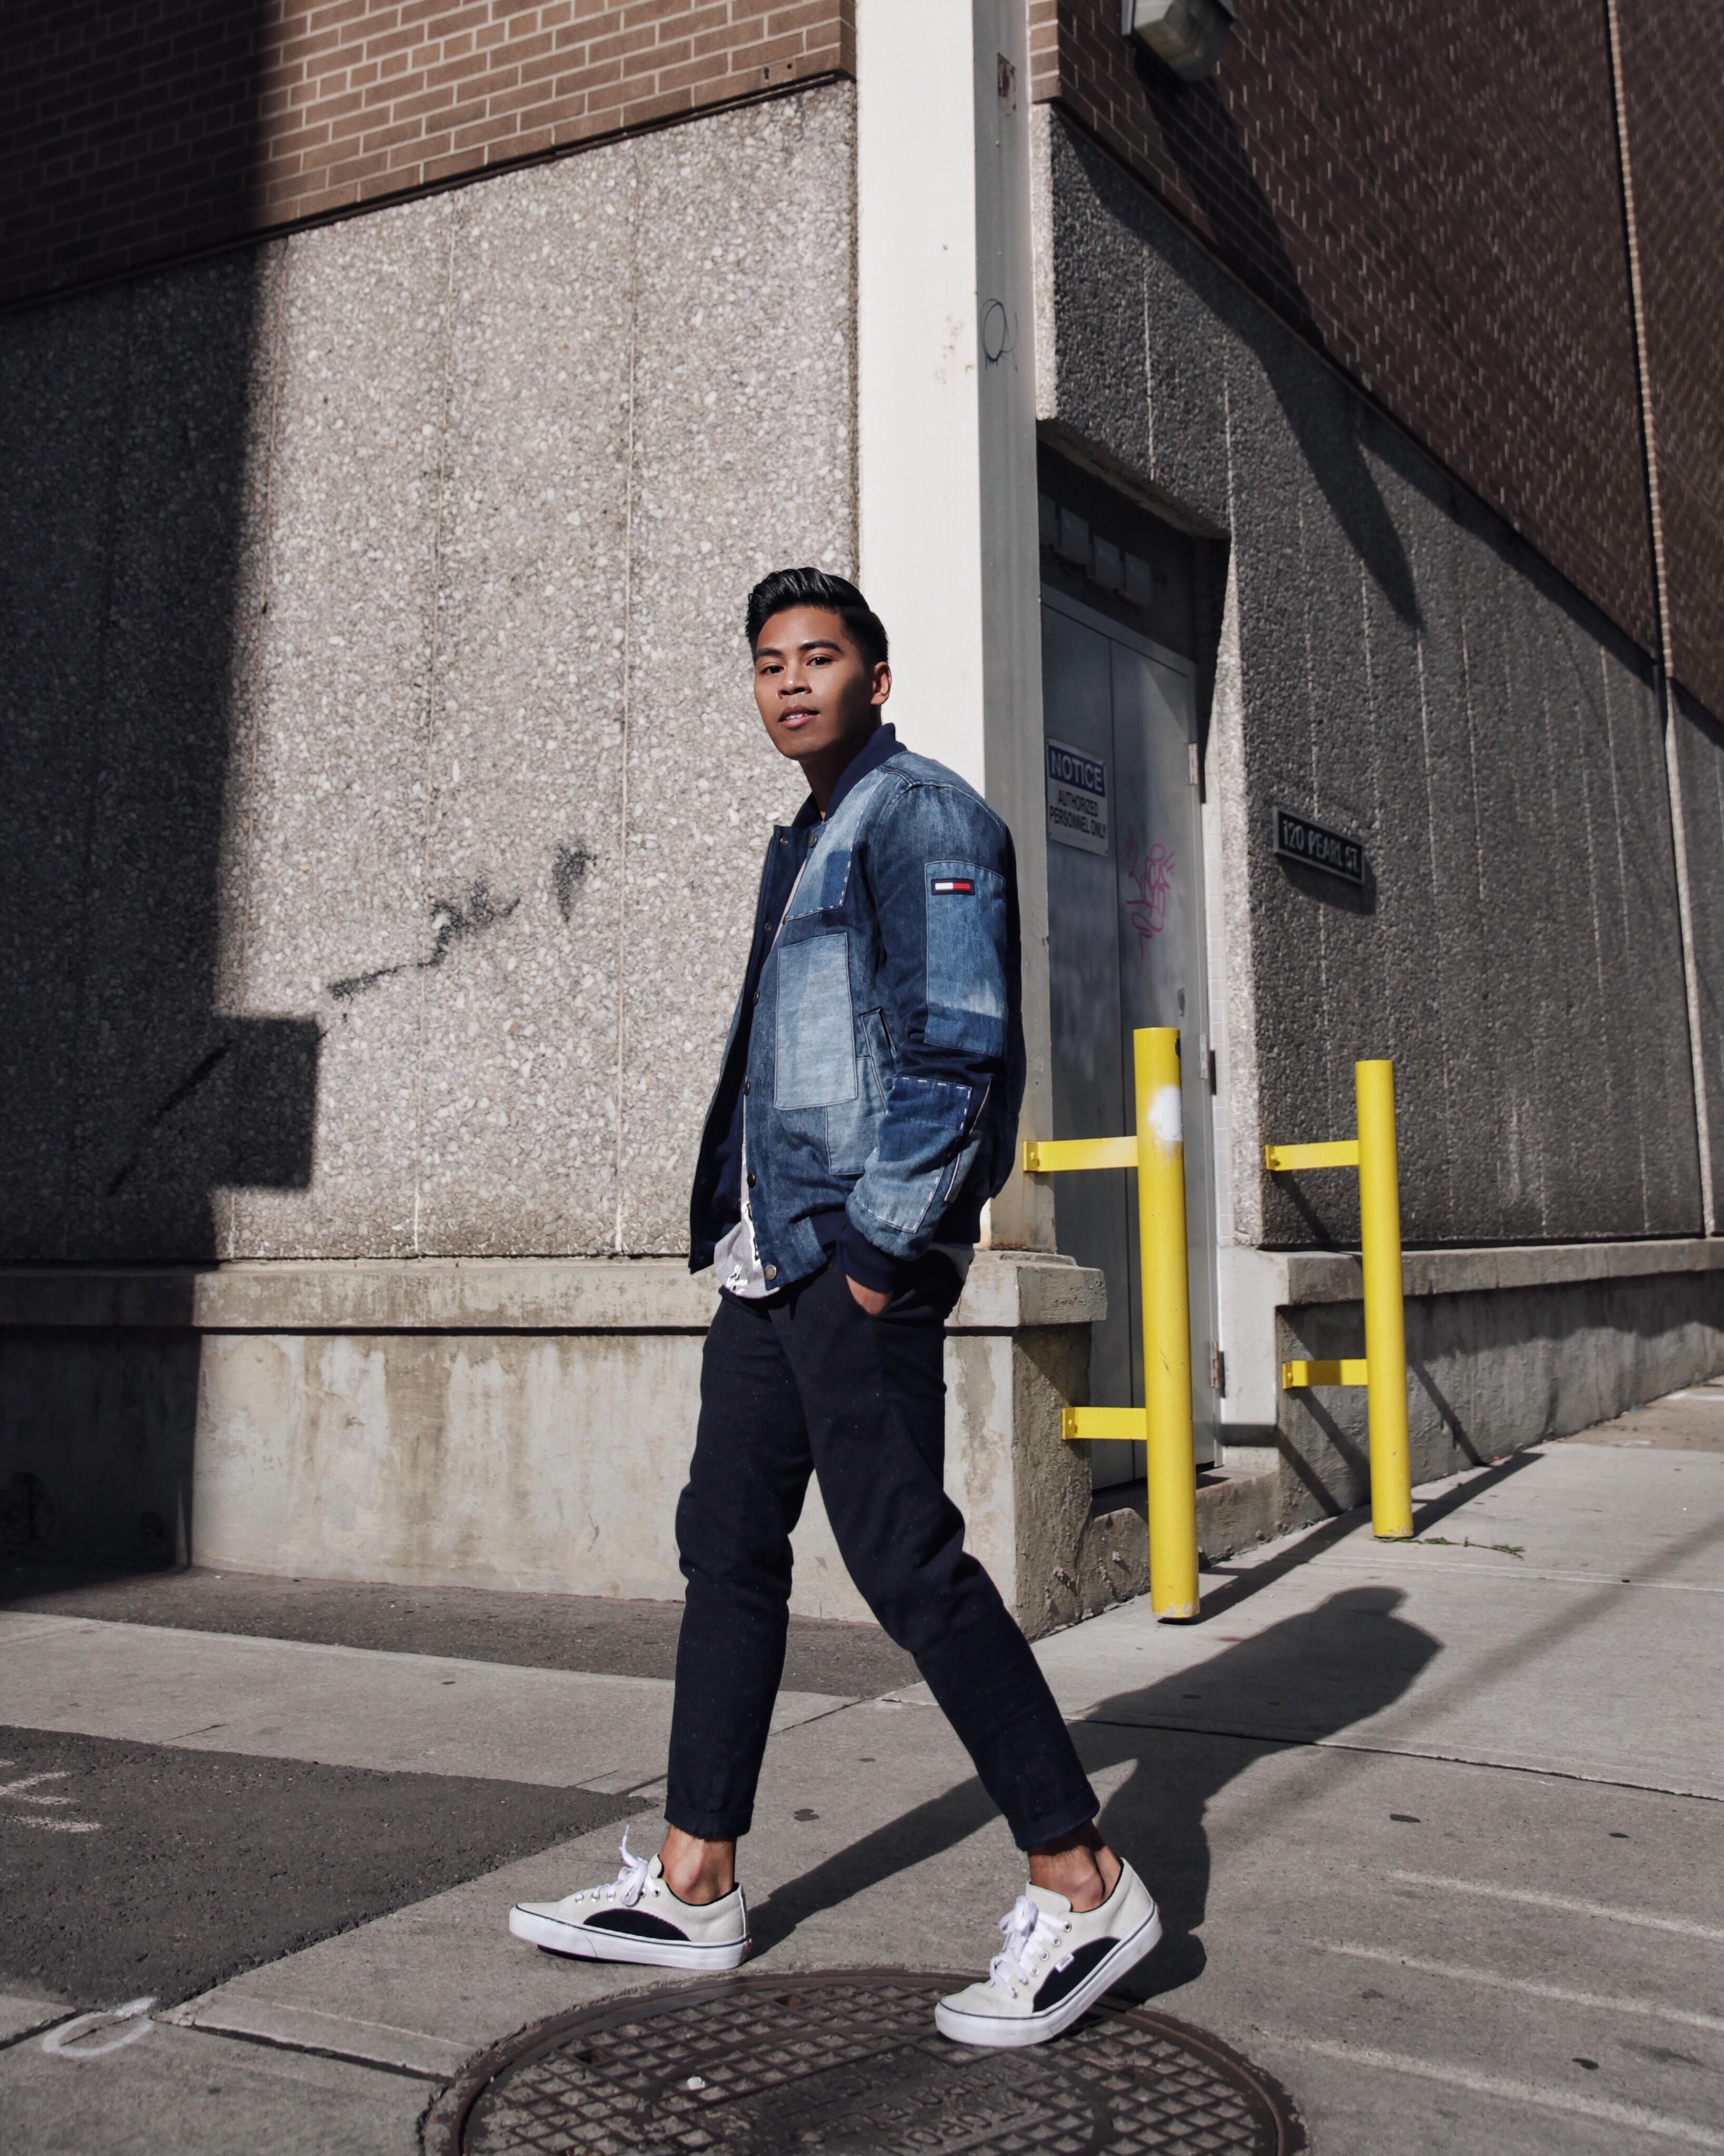 tommy hilfiger mens patchwork denim jacket street style blogger